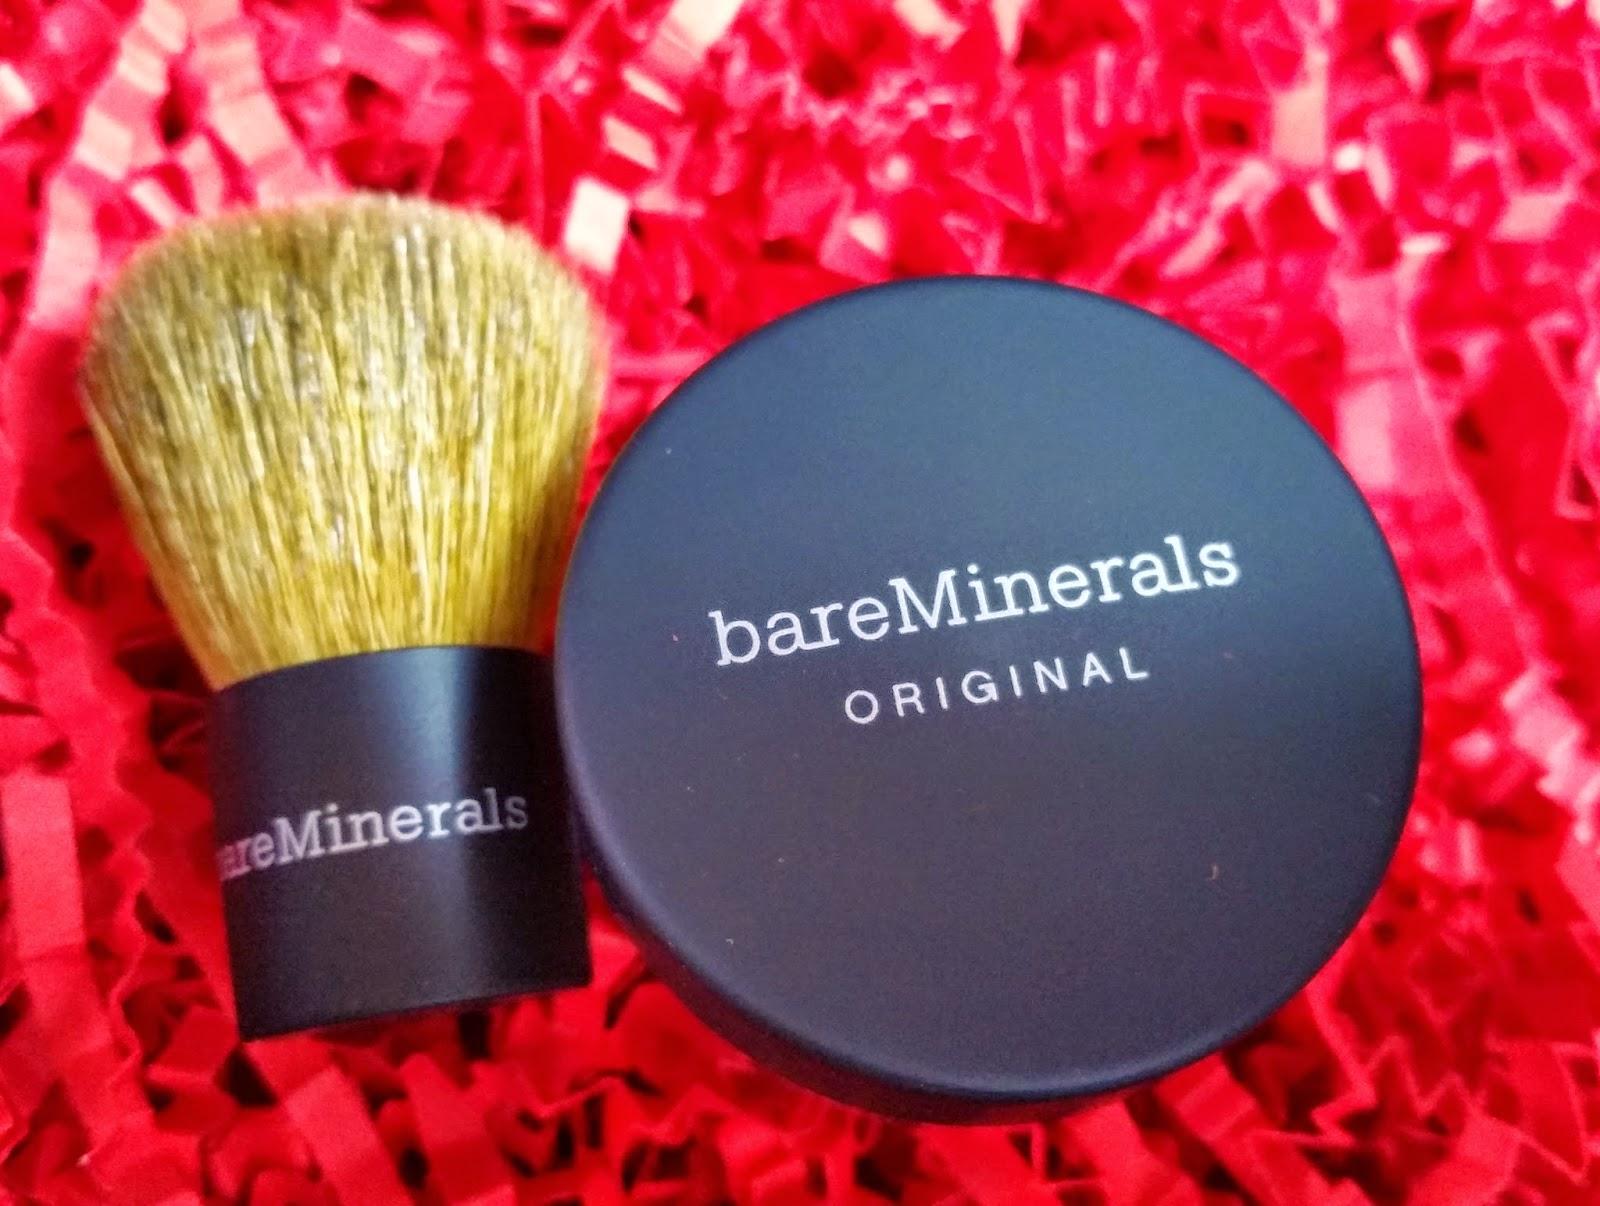 Bareminerals Original SPF 15 Foundation - www.annitschkasblog.de